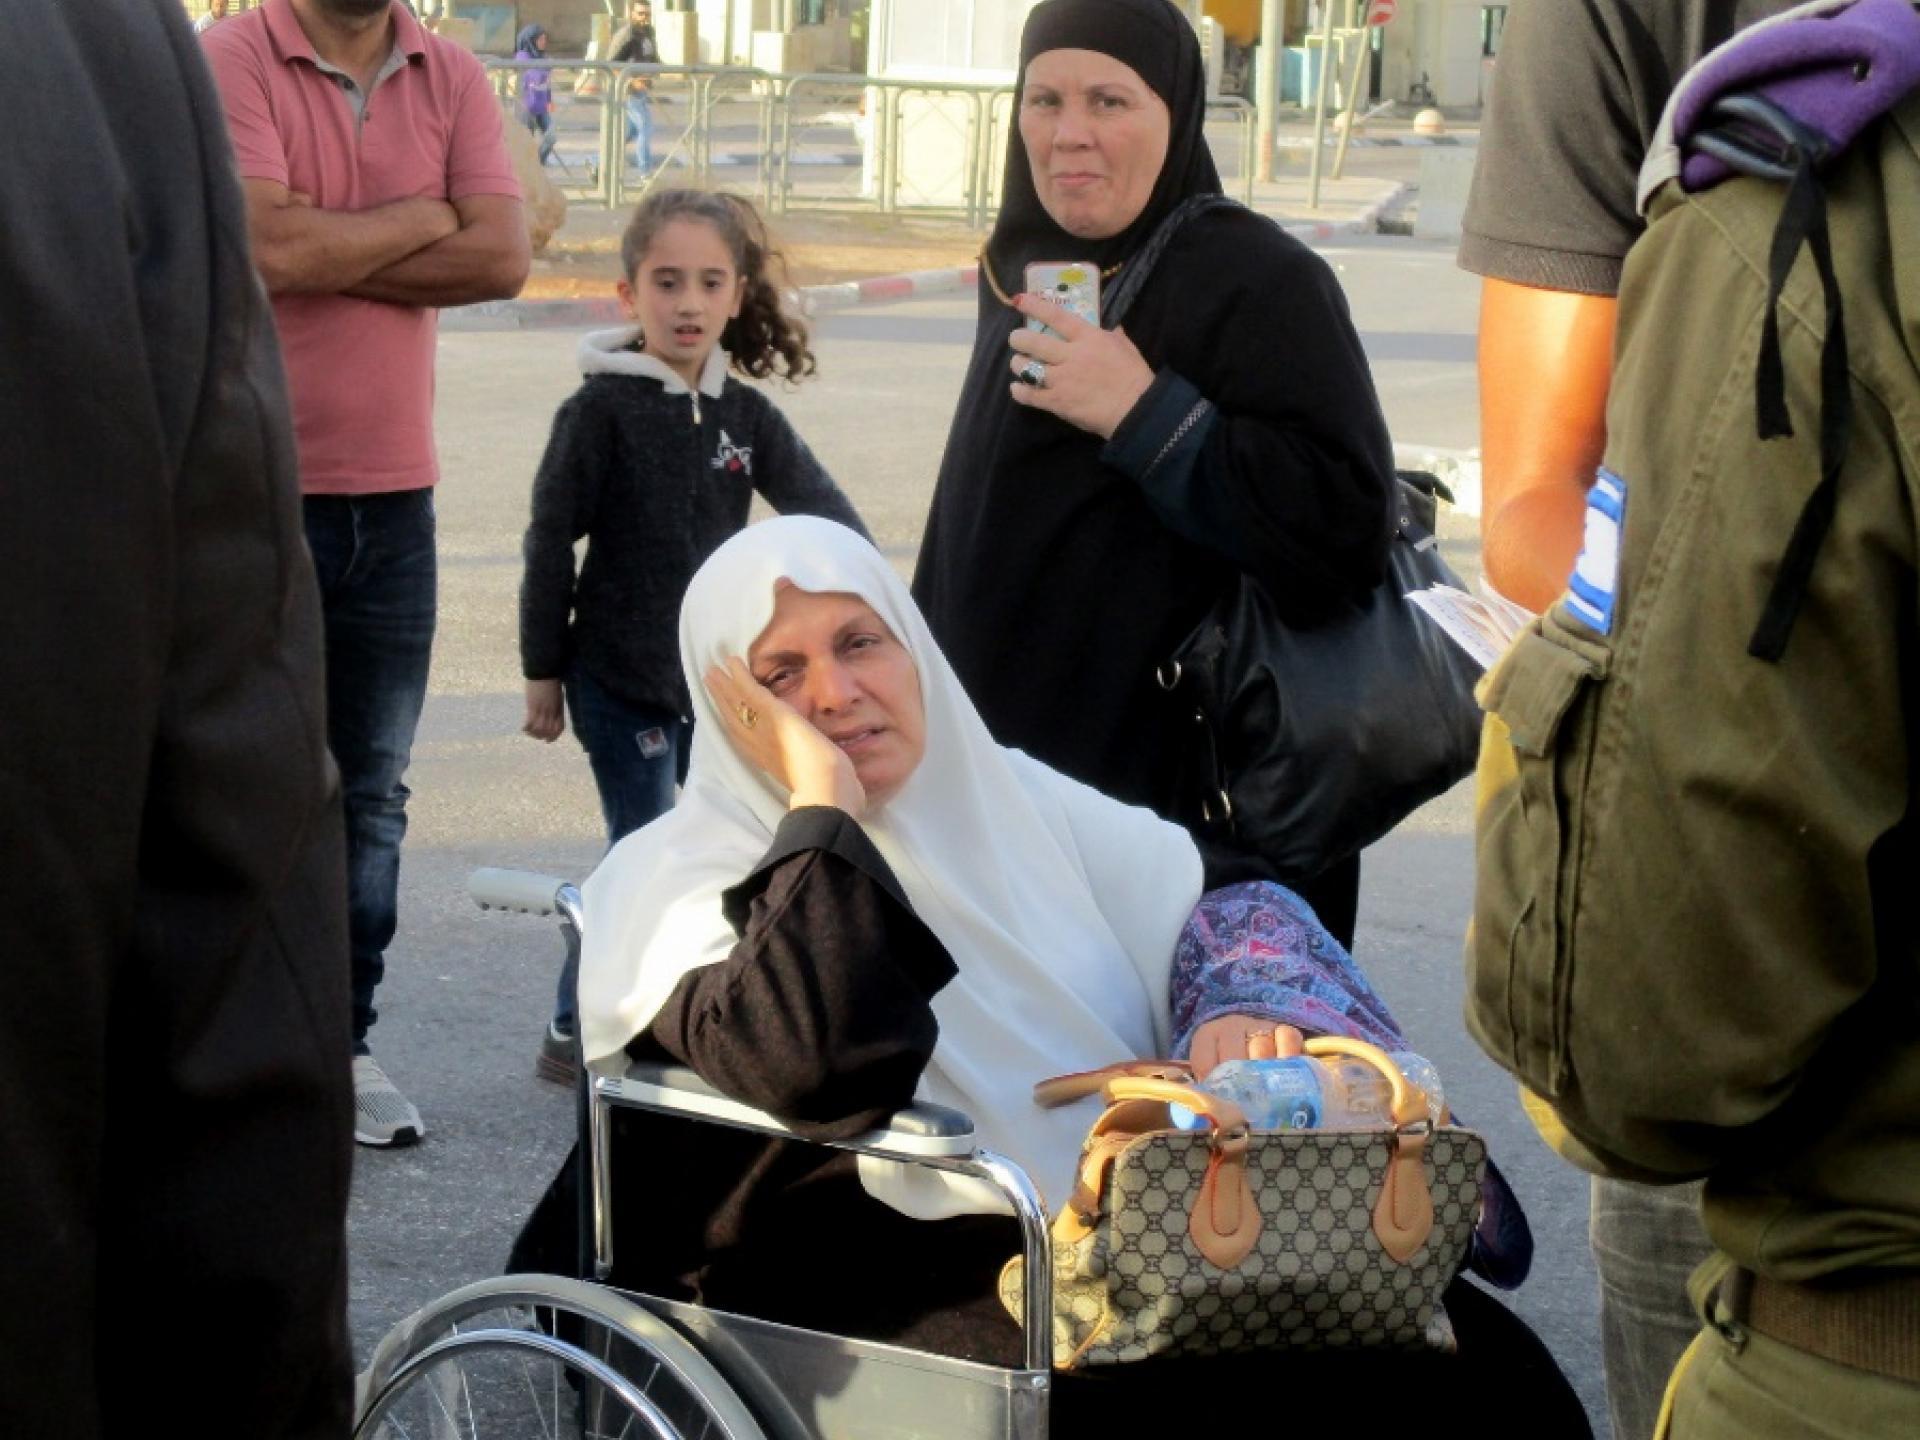 חולים מעזה מחכים להסעה אחרי שבוע שמחסום ארז היה סגור.